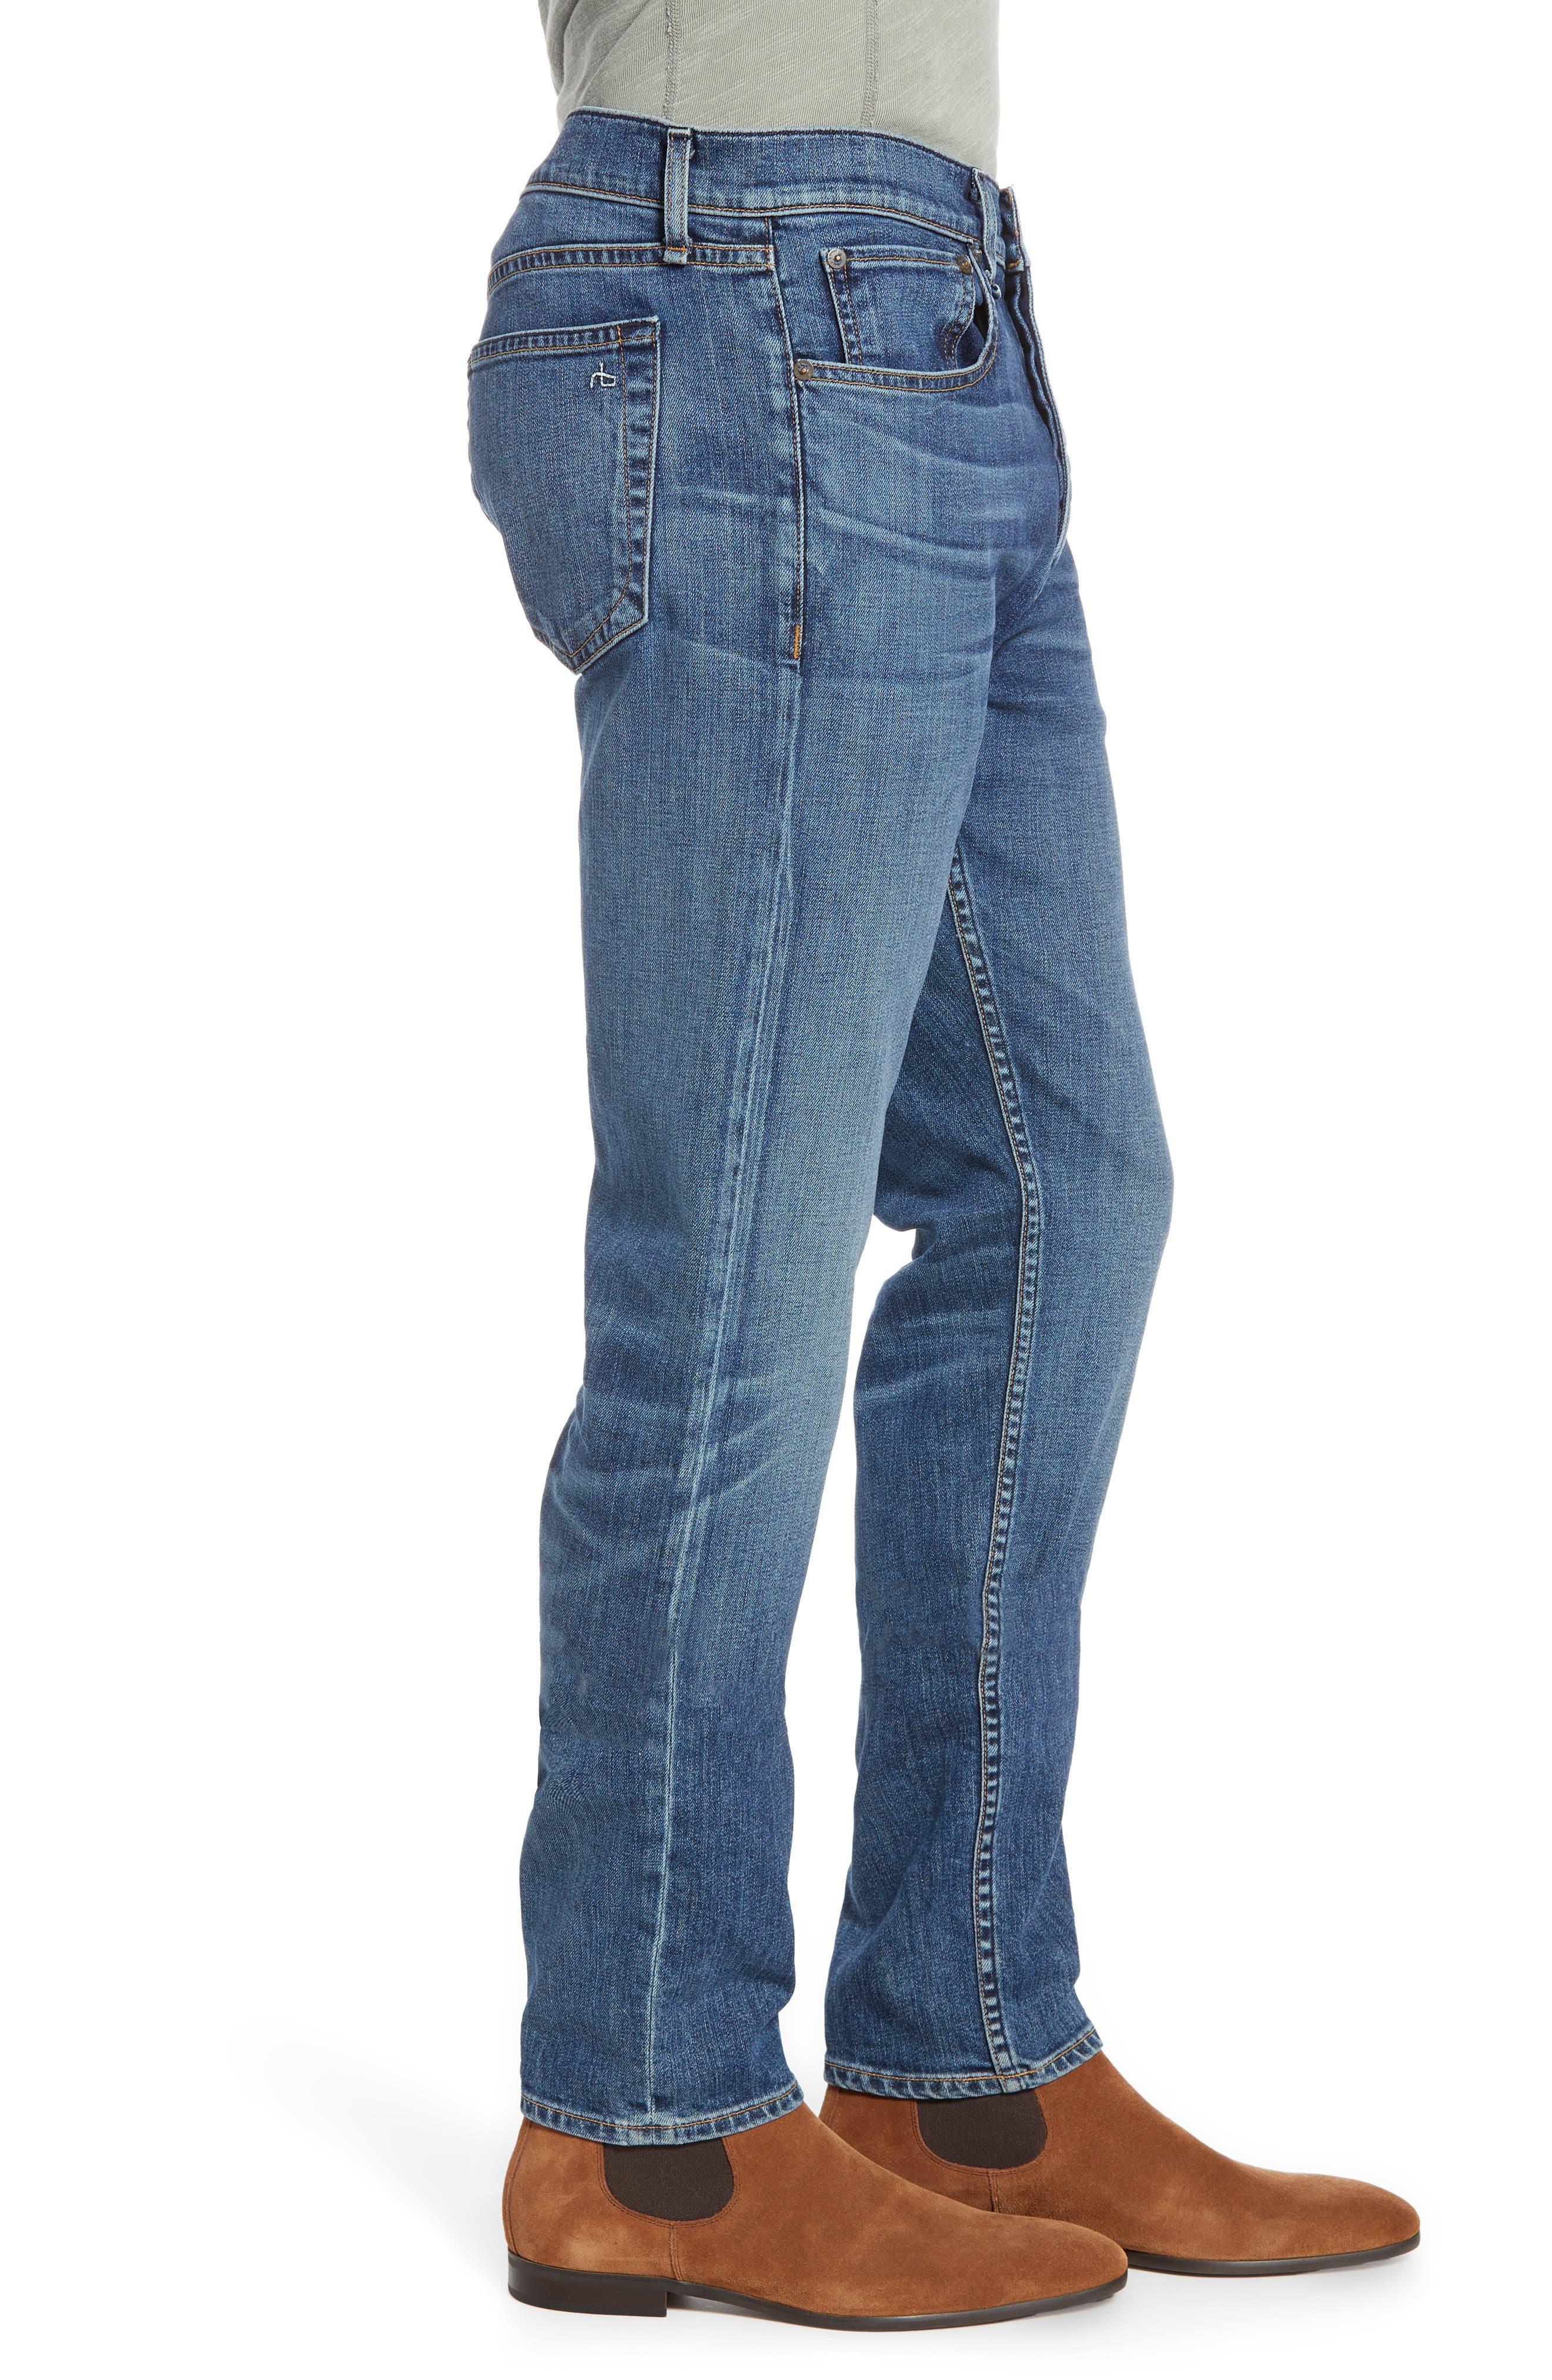 RAG & BONE, Fit 2 Slim Fit Jeans, Alternate thumbnail 4, color, THROOP